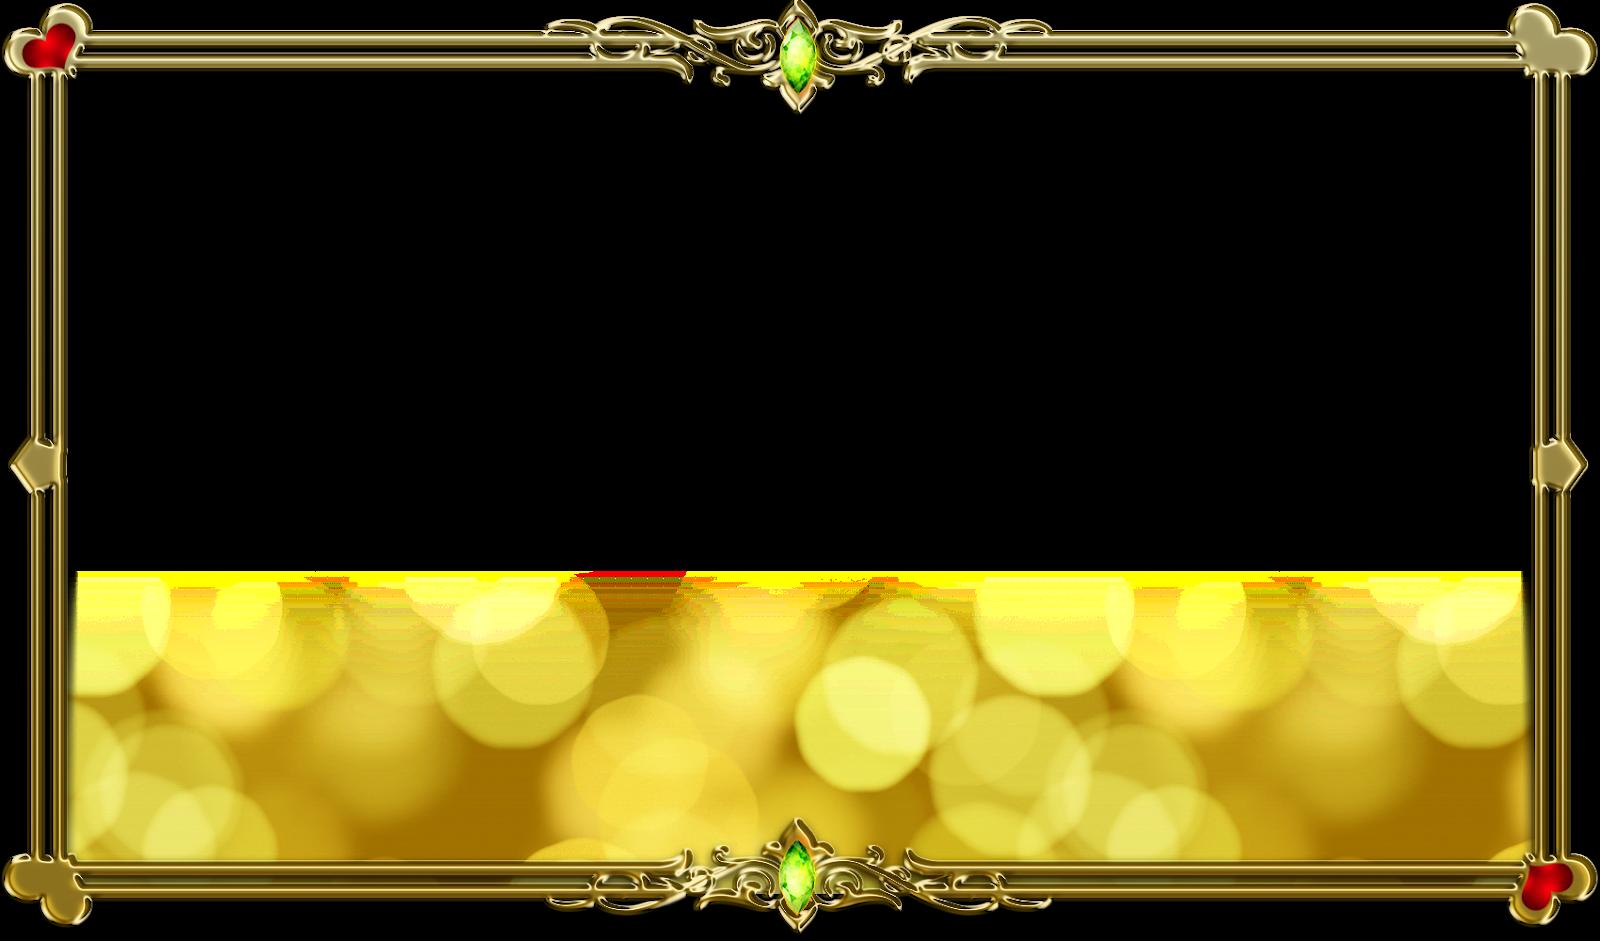 15 elegant gold border psd images royal elegant background designs gold frame psd and psd for Border psd